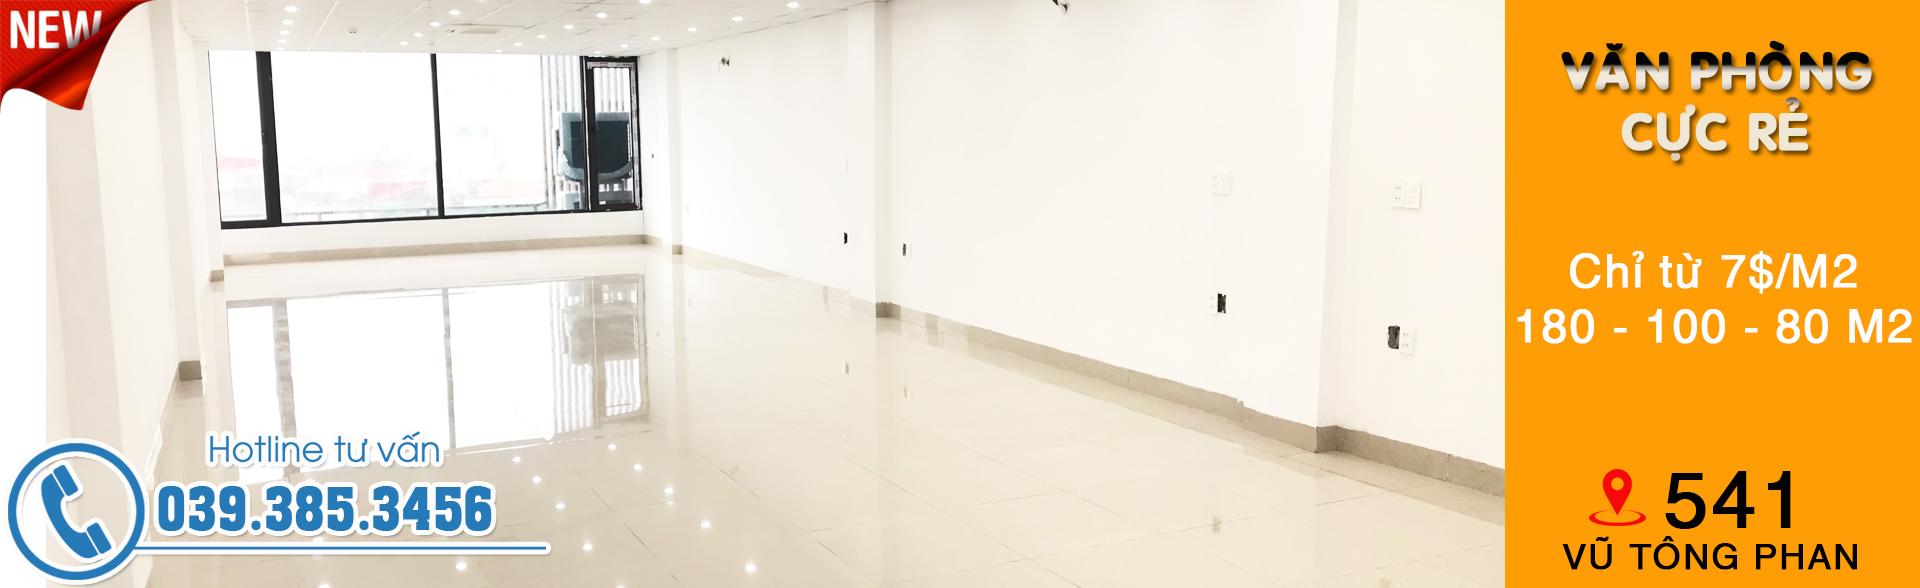 Văn phòng cho thuê 541 Vũ Tông Phan, Thanh Xuân